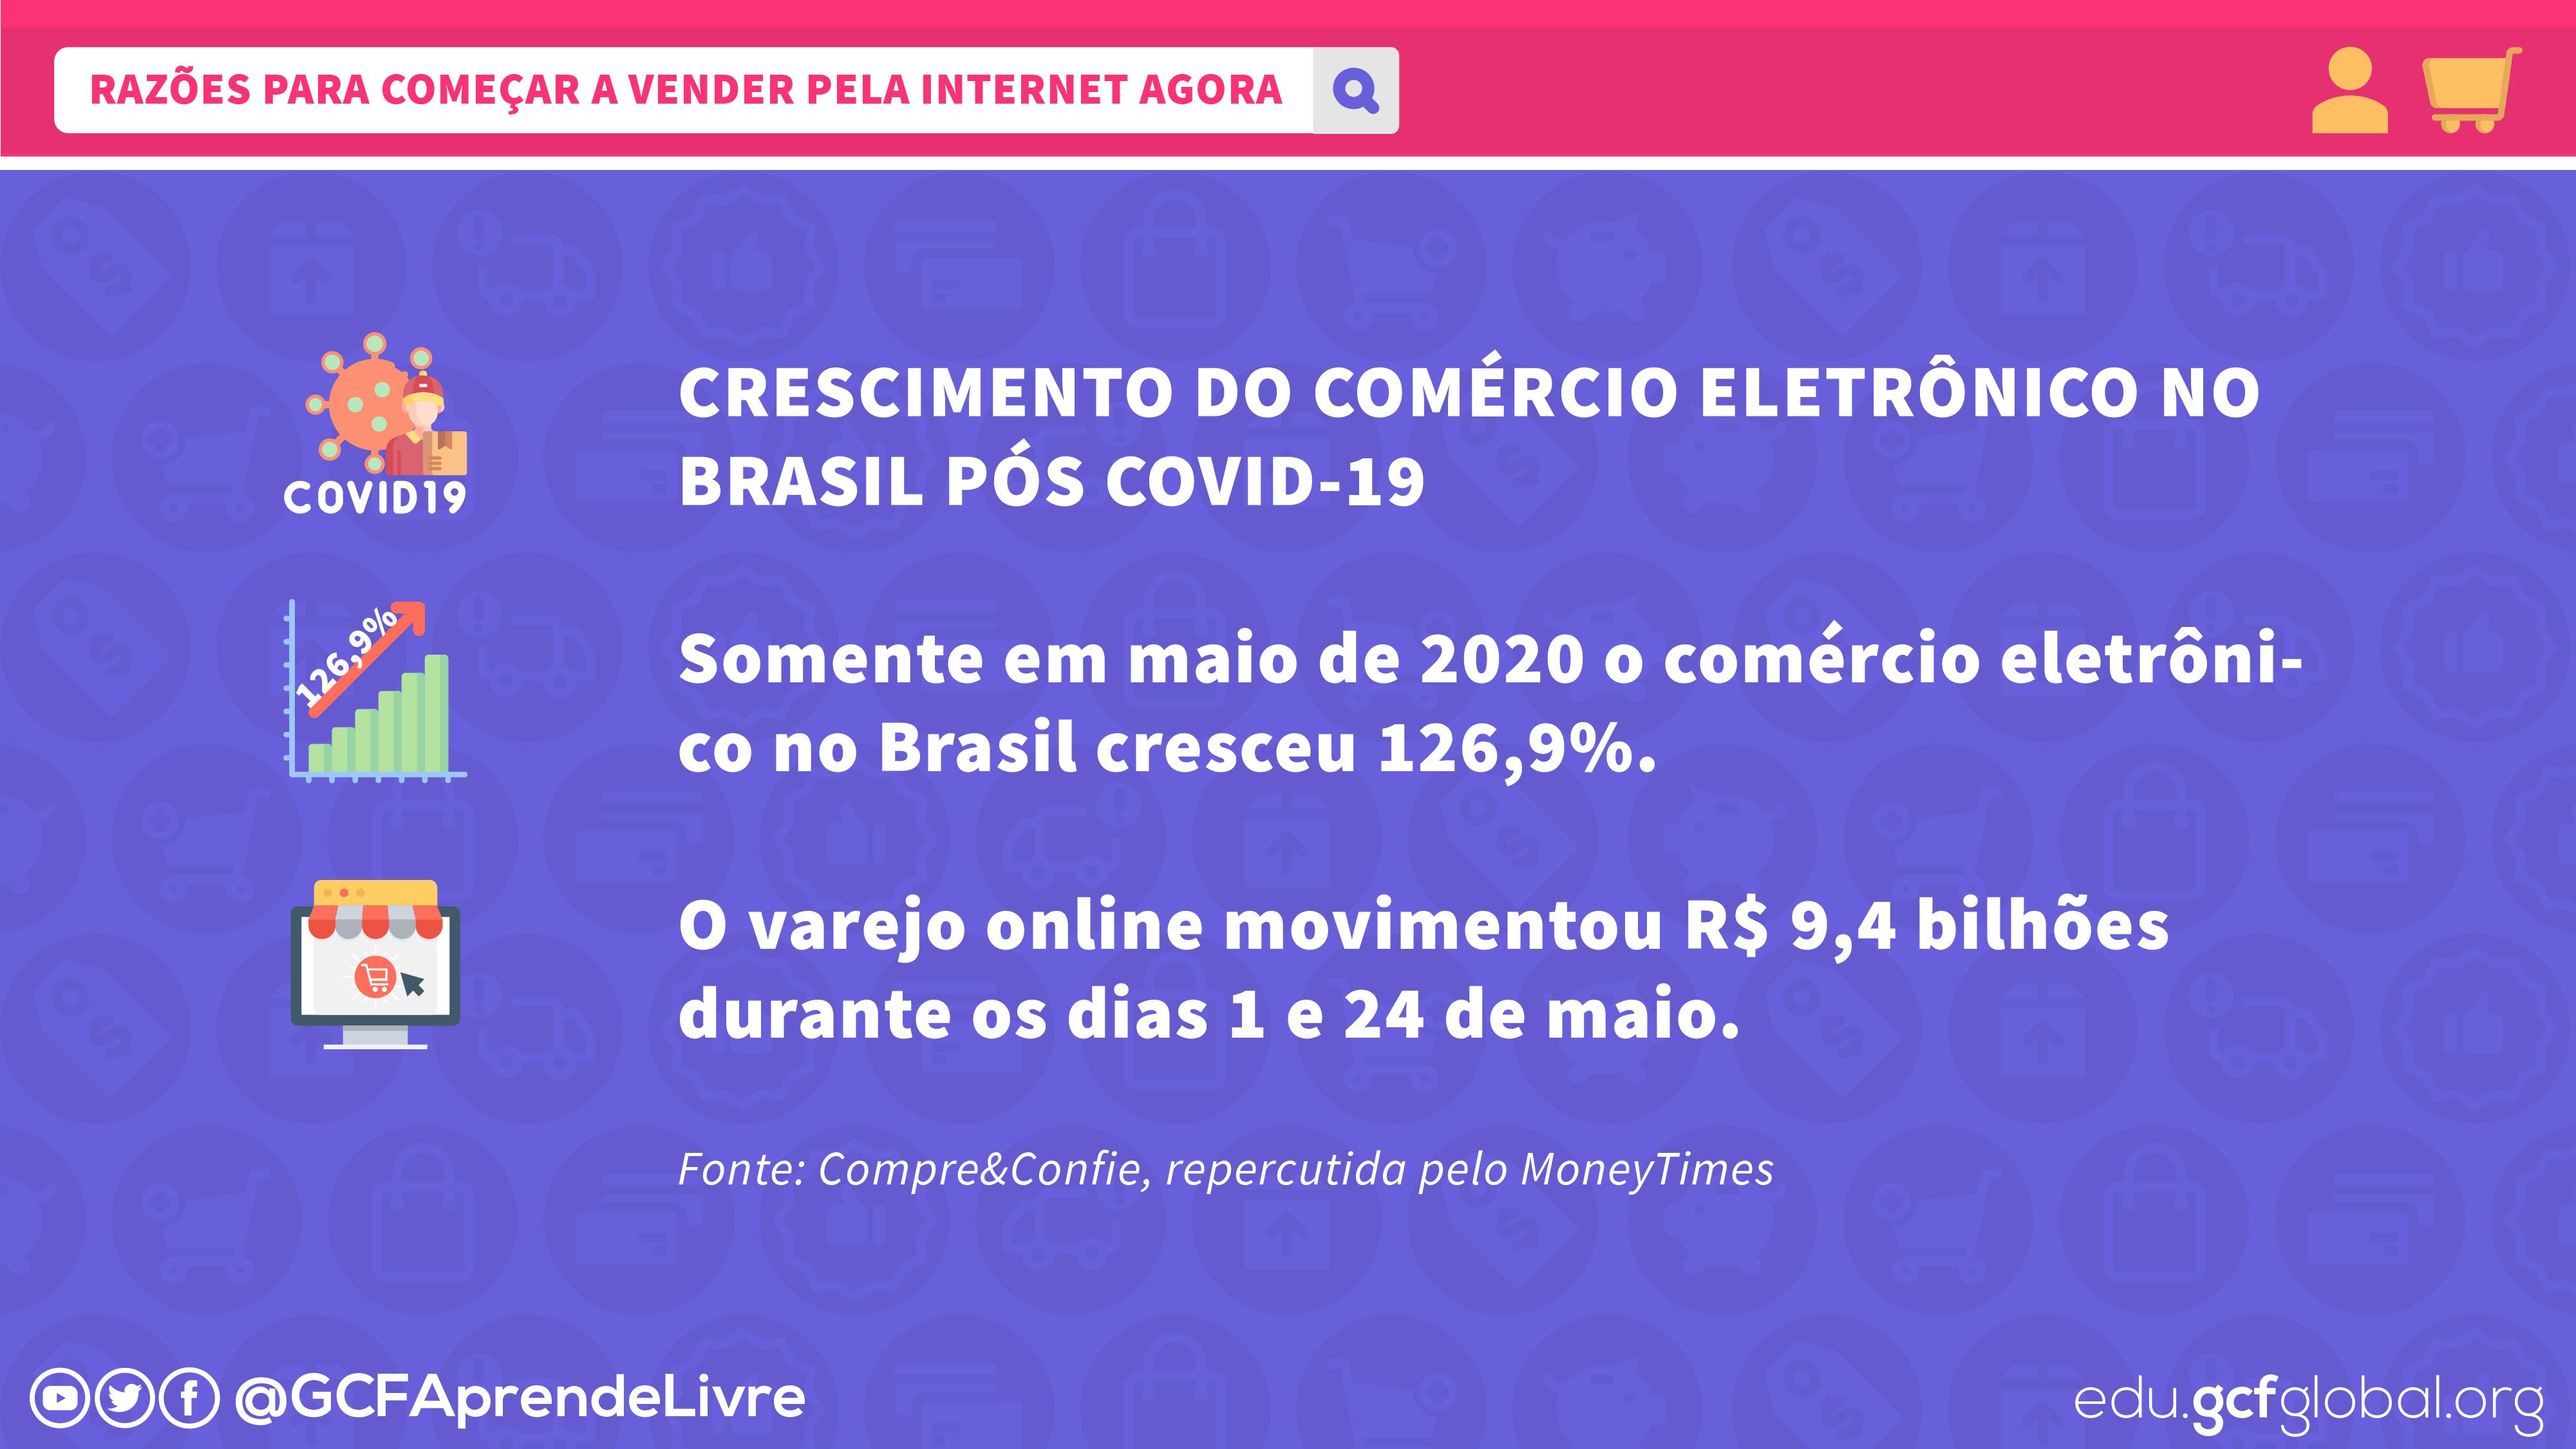 Imagem crescimento do comércio eletrônico no Brasil pós COVID-19